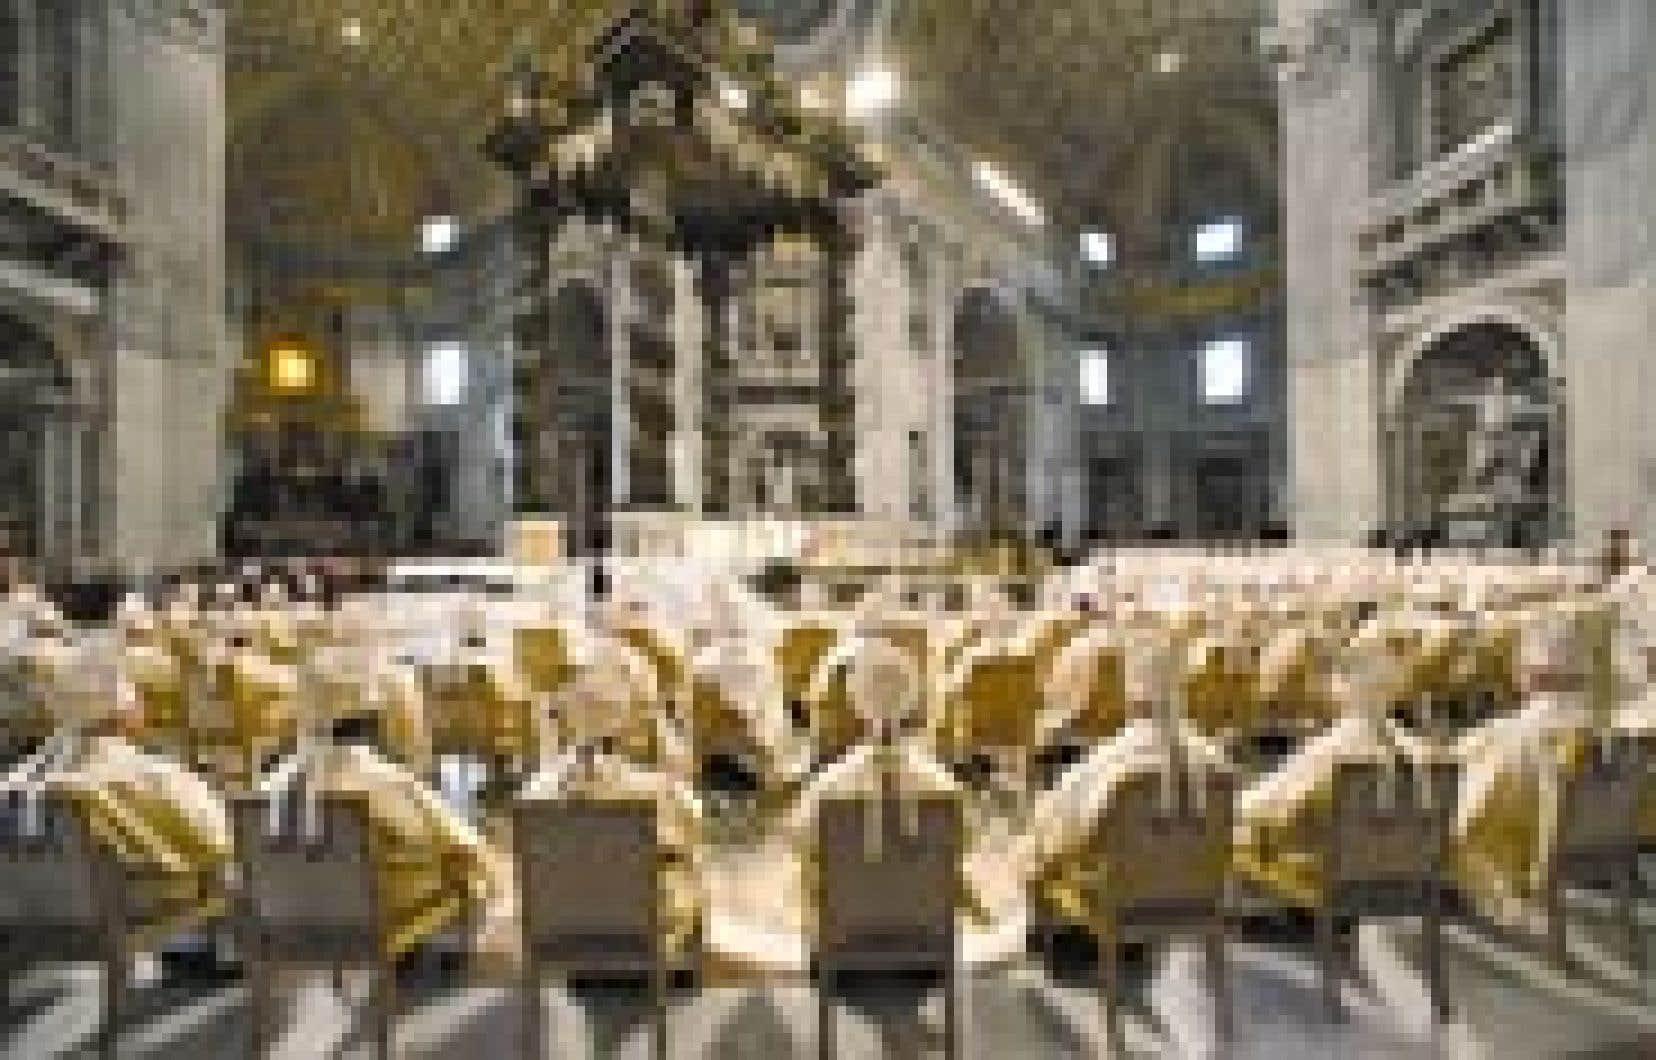 Les cardinaux de l'Église catholique réunis à Rome ont assisté samedi à une messe spéciale présidée par leur confrère chilien Jorge Arturo Medina Estevez, celui-là même qui sera chargé d'annoncer au monde le nom du pape qui sera élu cett